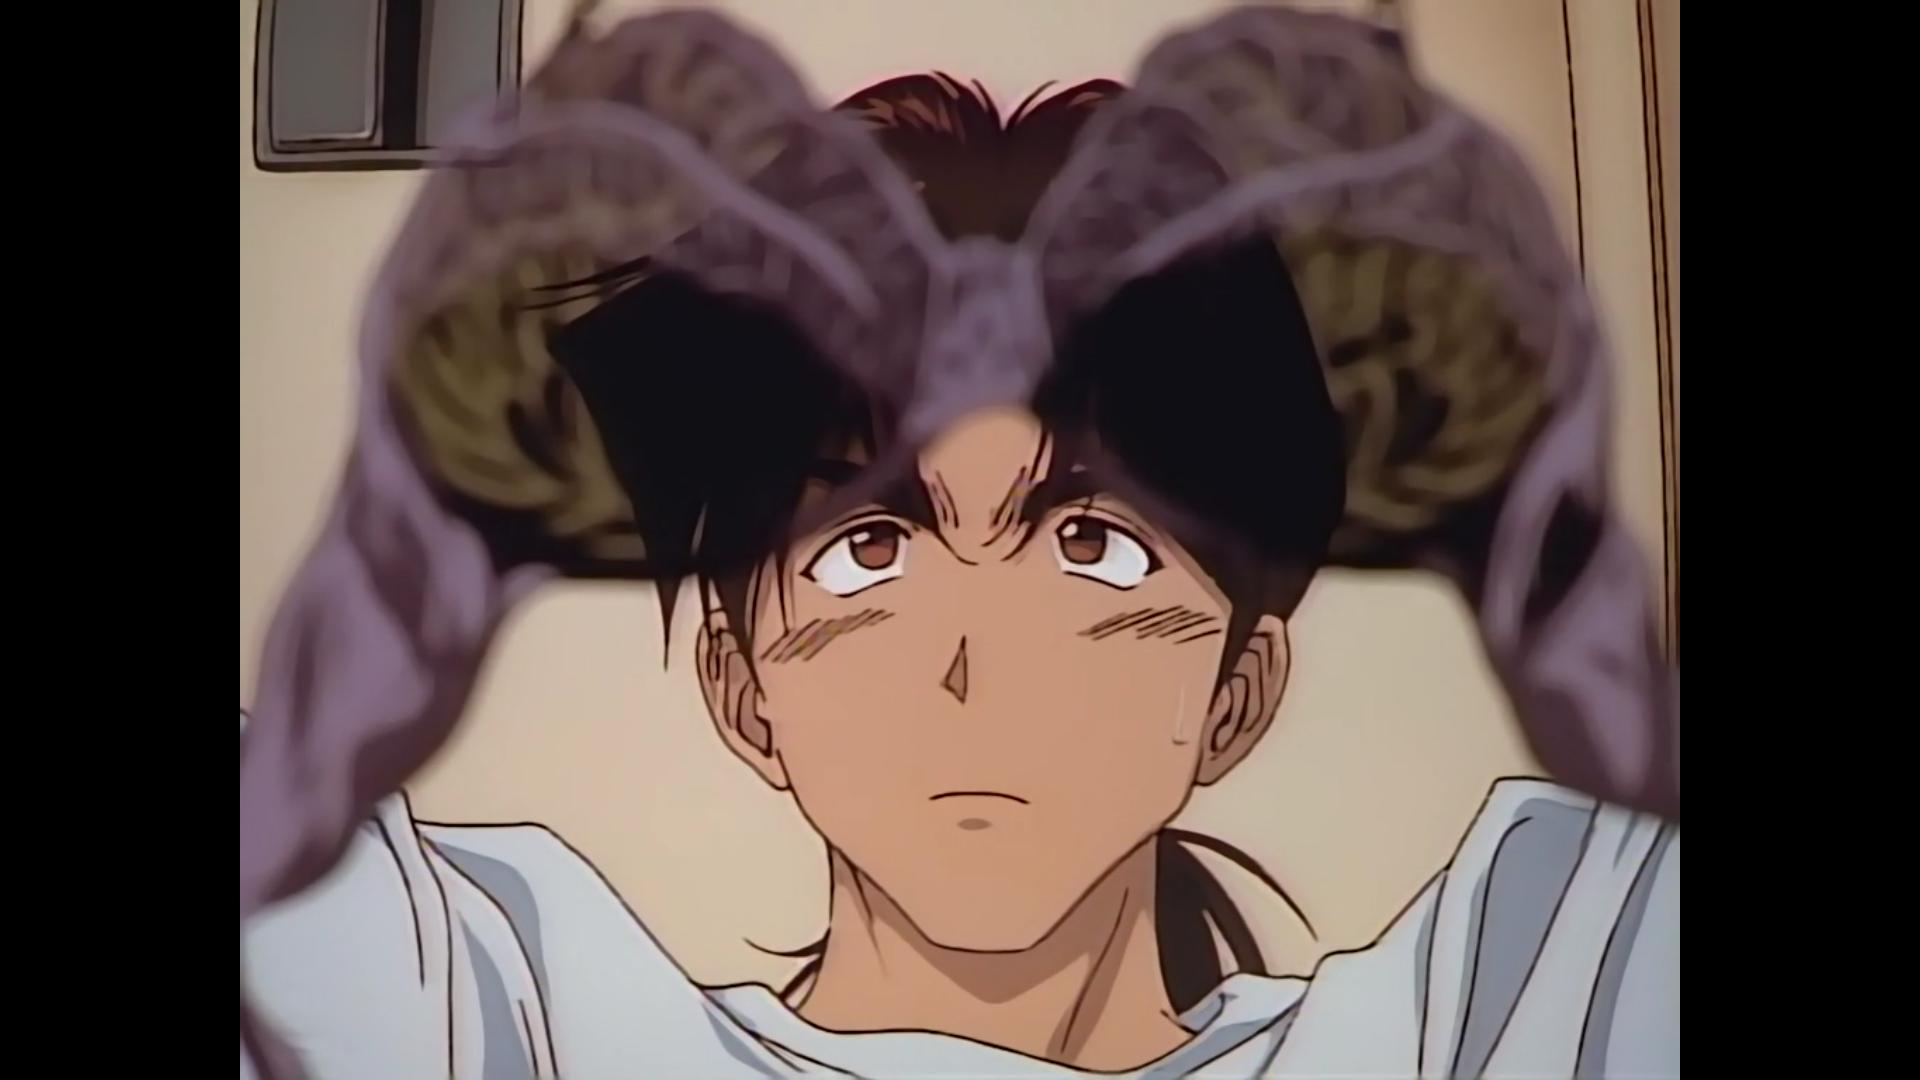 1995日本动漫《黄金小子/黄金男孩》HD1080P 高清下载